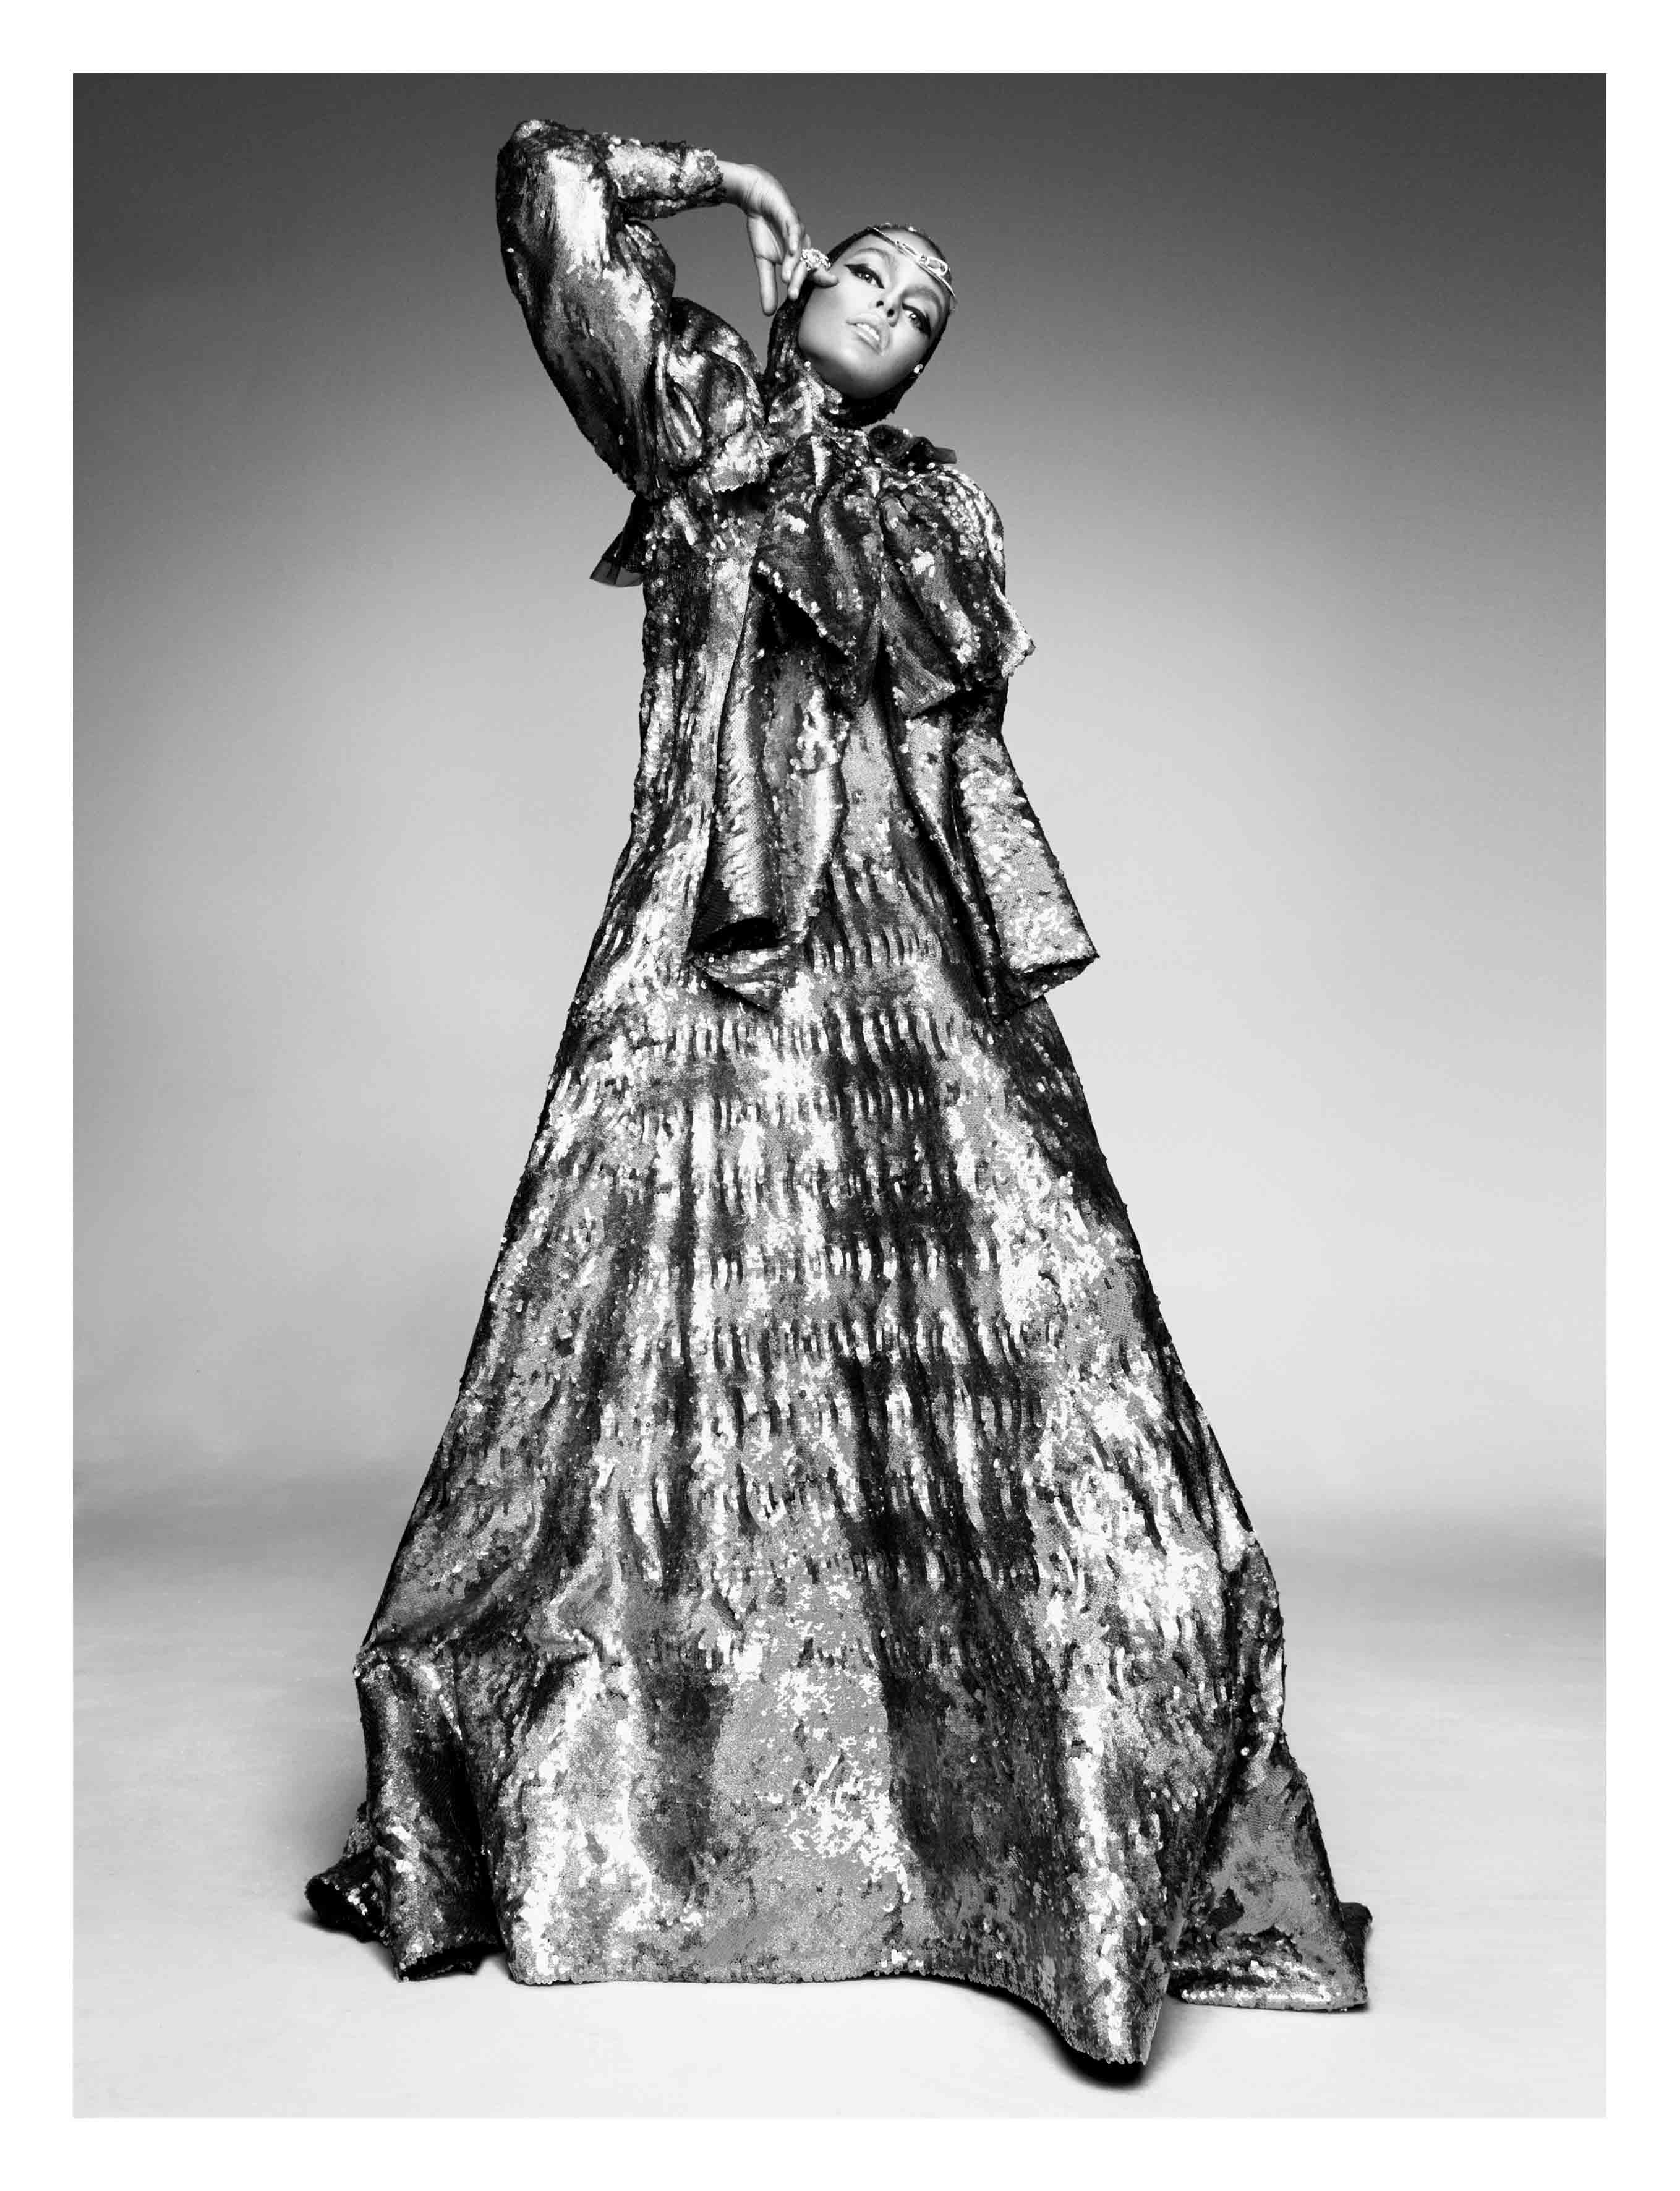 """Longue robe en soie entièrement rebrodée de paillettes, GUCCI. Sur la tête : collier """"Ruban"""" en or blanc et diamants, CHANEL JOAILLERIE. Bagues """"Gourmande Pastel"""" en or, diamants et aiguemarine, DIOR JOAILLERIE."""